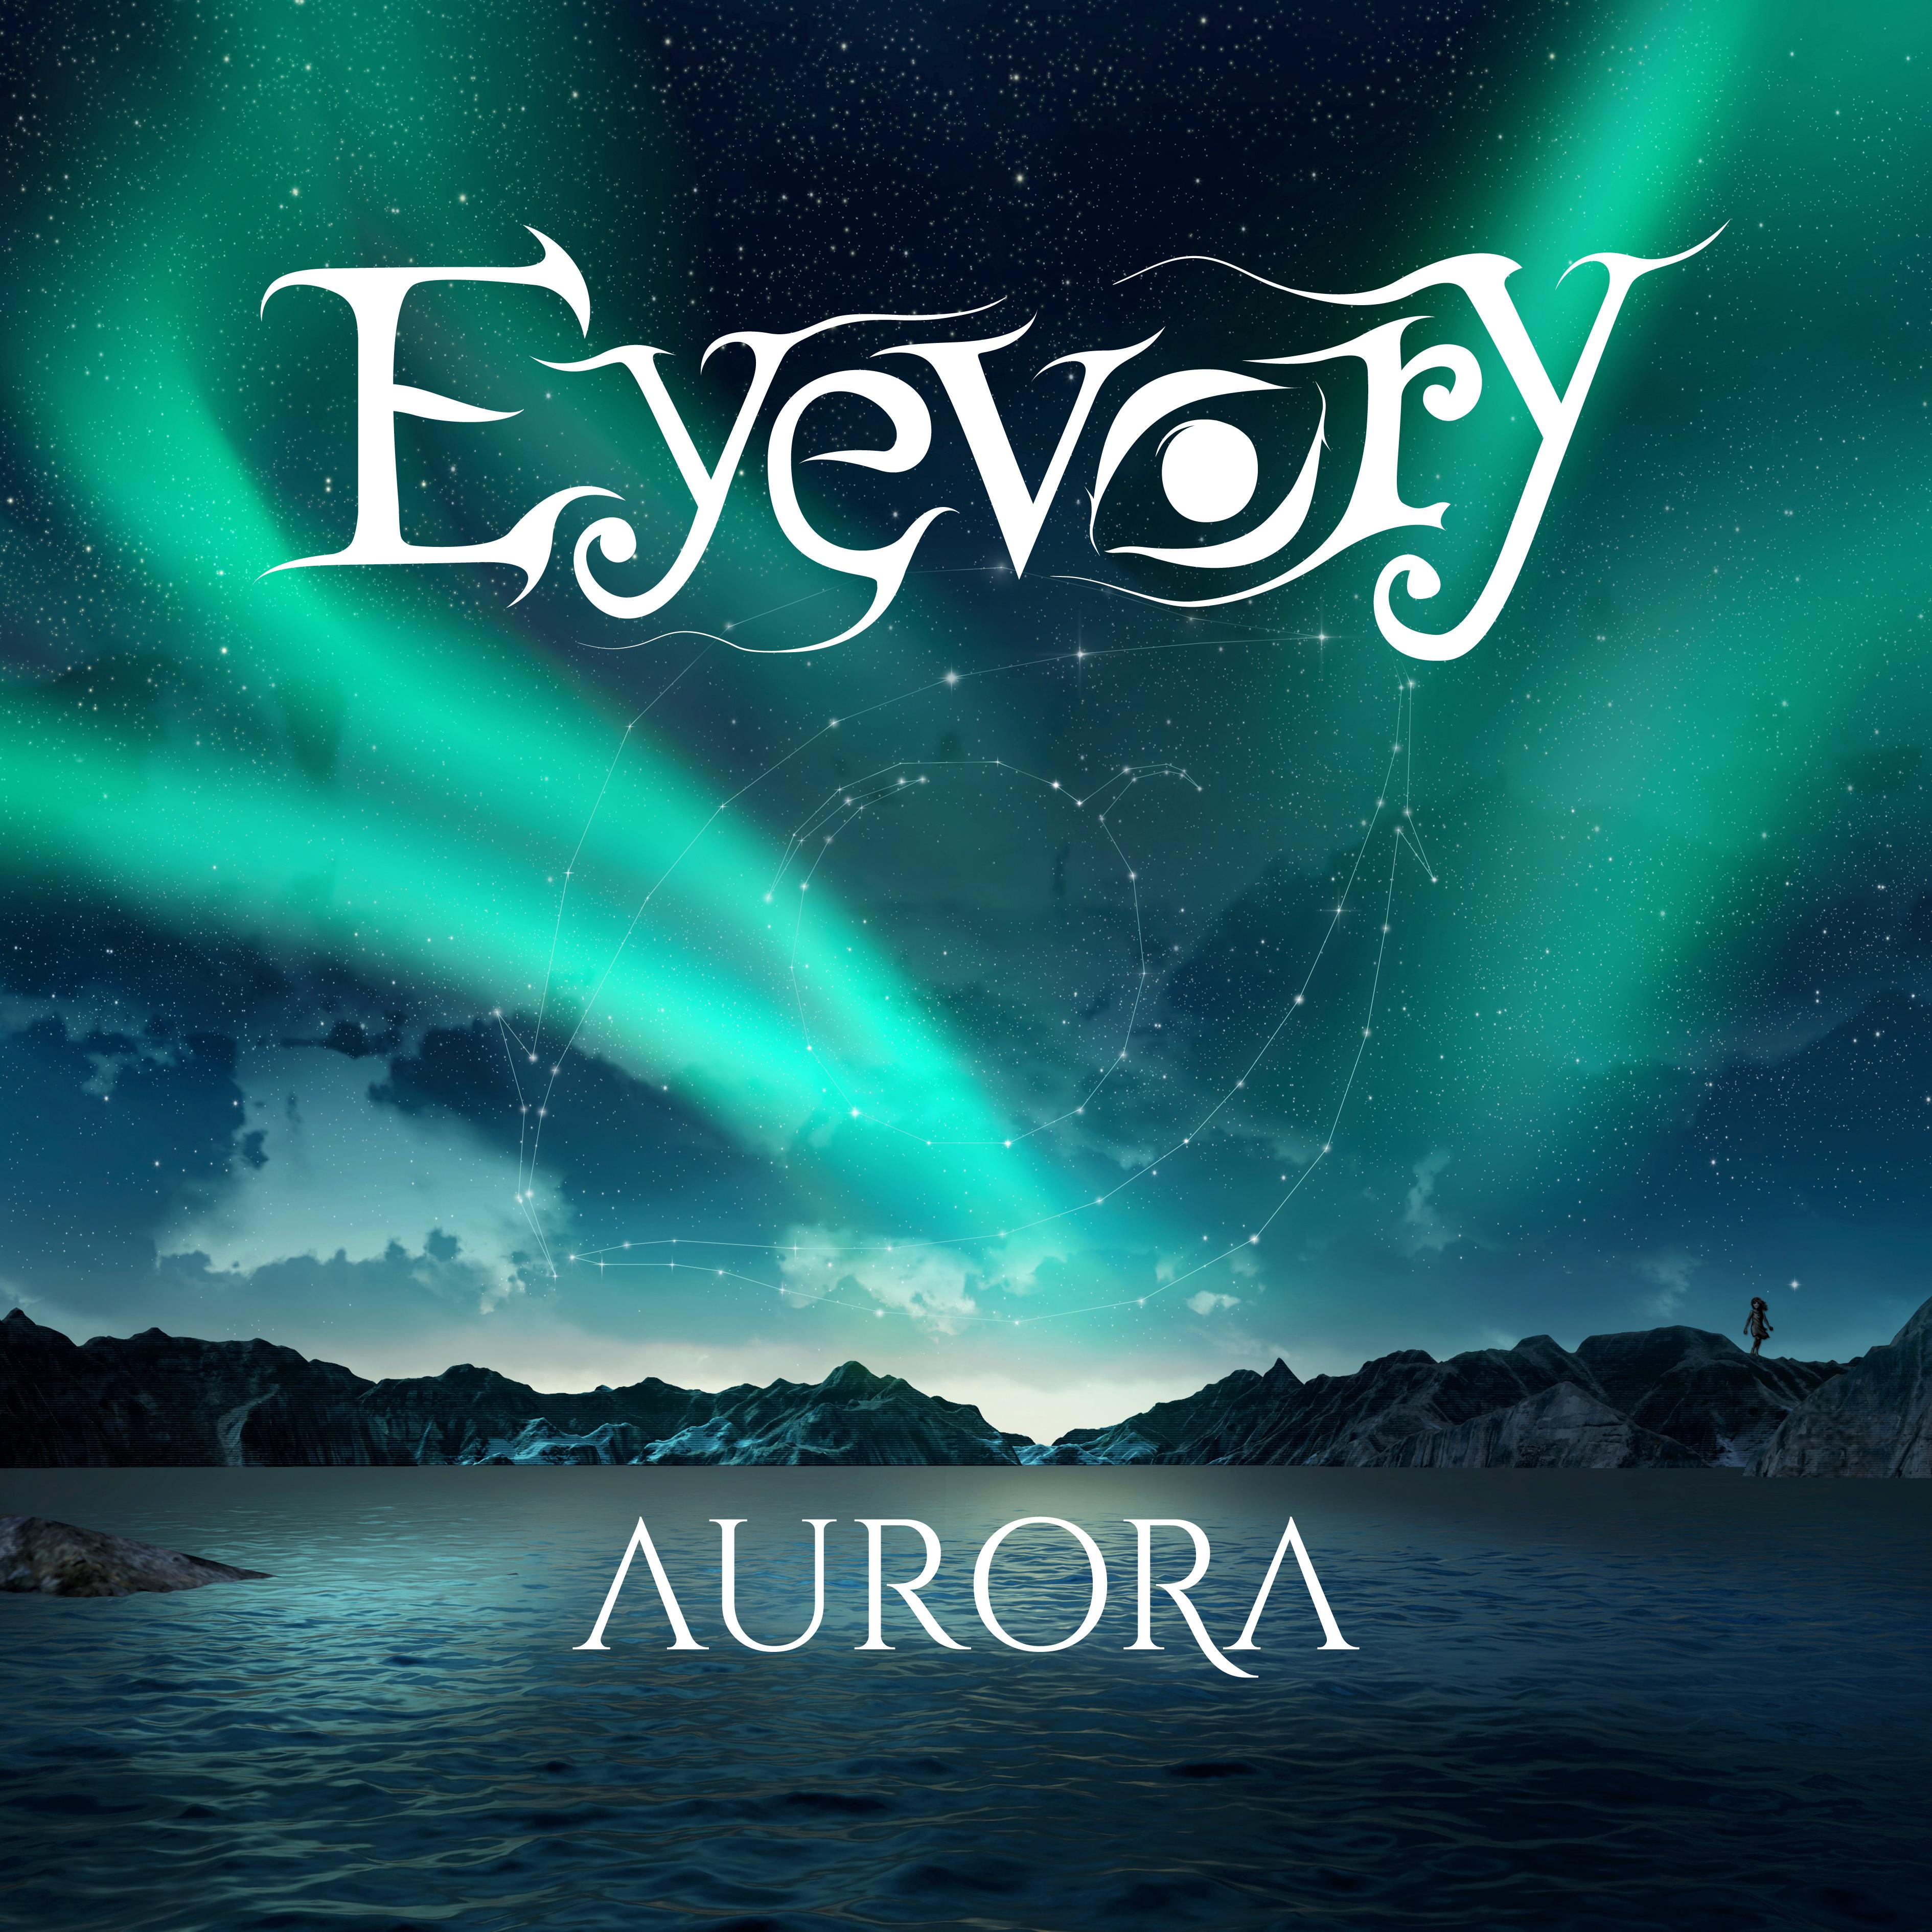 Eyevory Aurora Cover